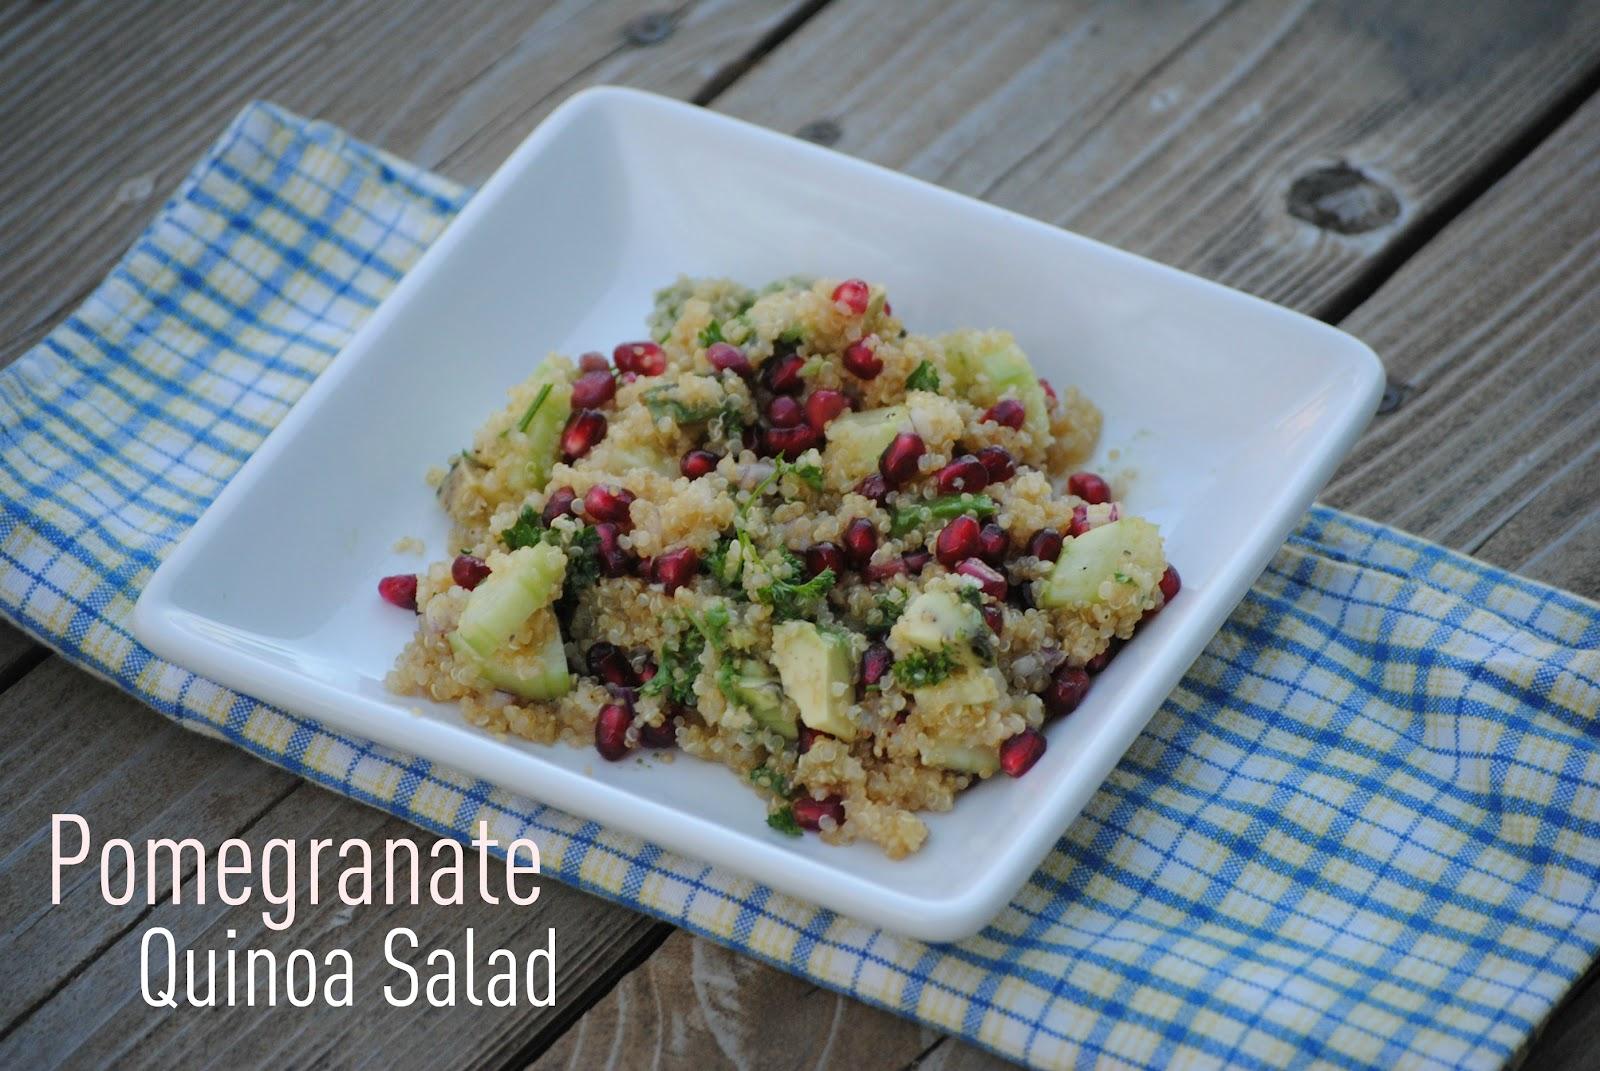 http://2.bp.blogspot.com/-UK7yp1EnOZU/T0PDuucu-RI/AAAAAAAAFm0/IkNnWH6fVpw/s1600/Pomegranate+Quinoa+Salad2.jpg